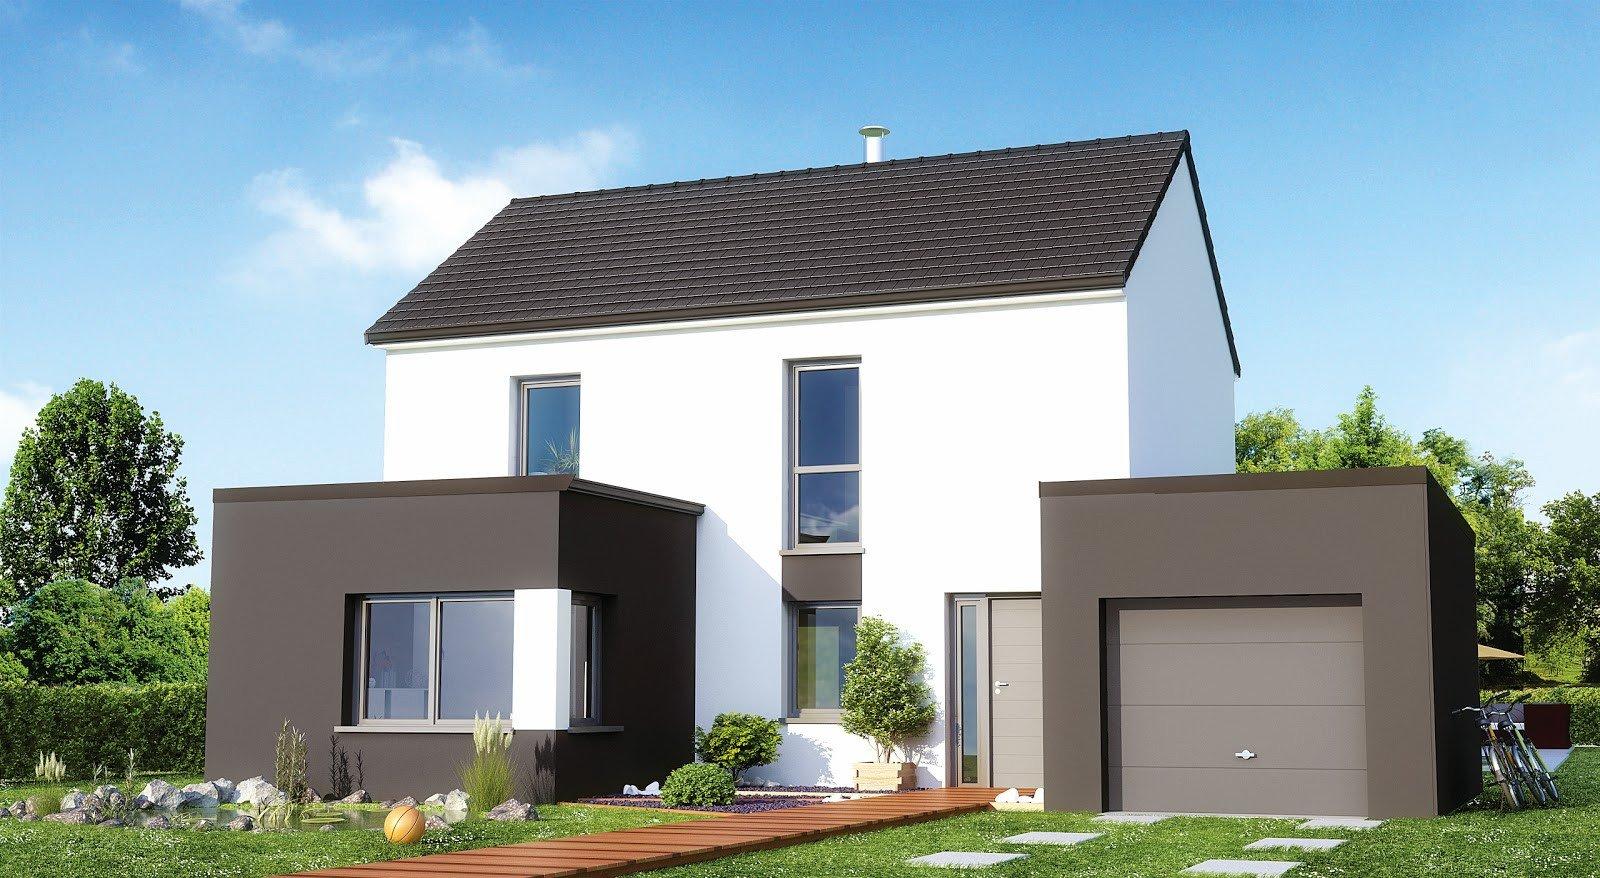 Maisons + Terrains du constructeur Maisons Phénix Nancy • 106 m² • VILLE EN VERMOIS